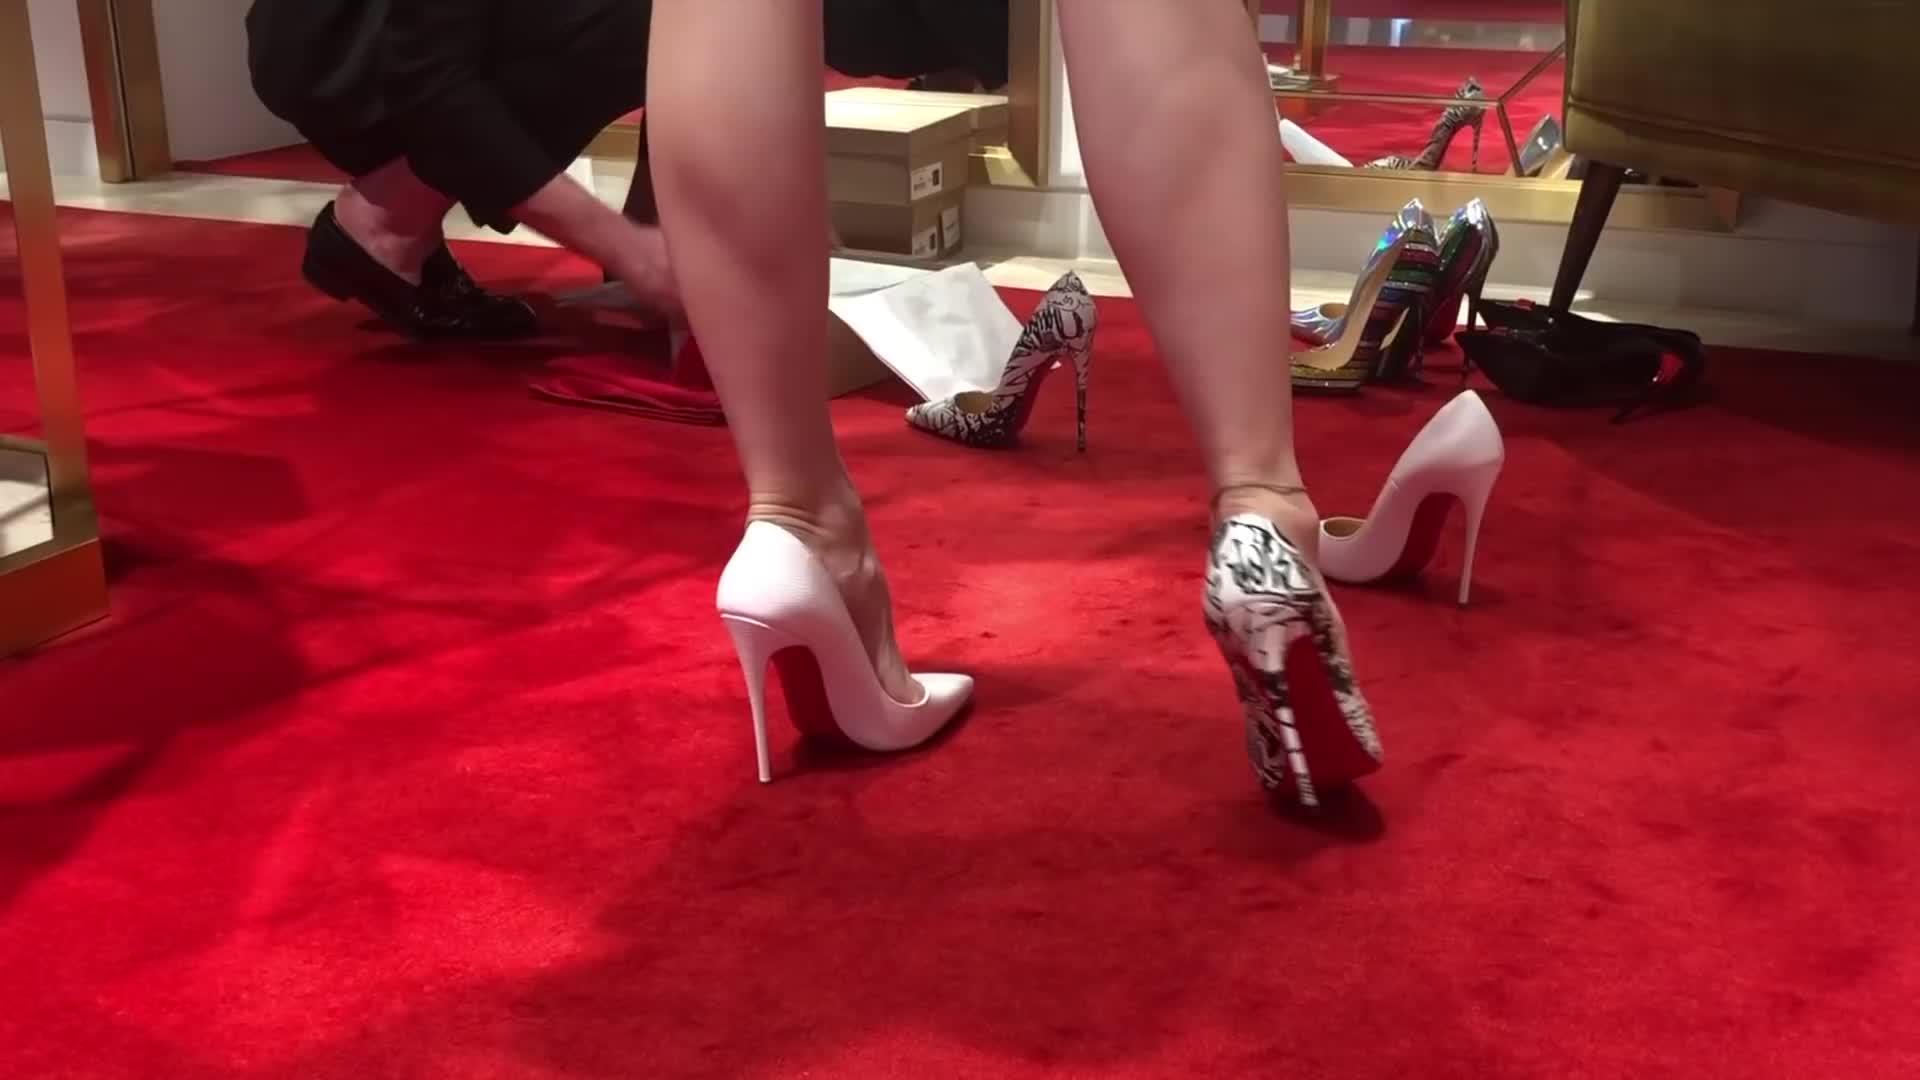 Bupshi - Louboutin shoe shopping - part 2